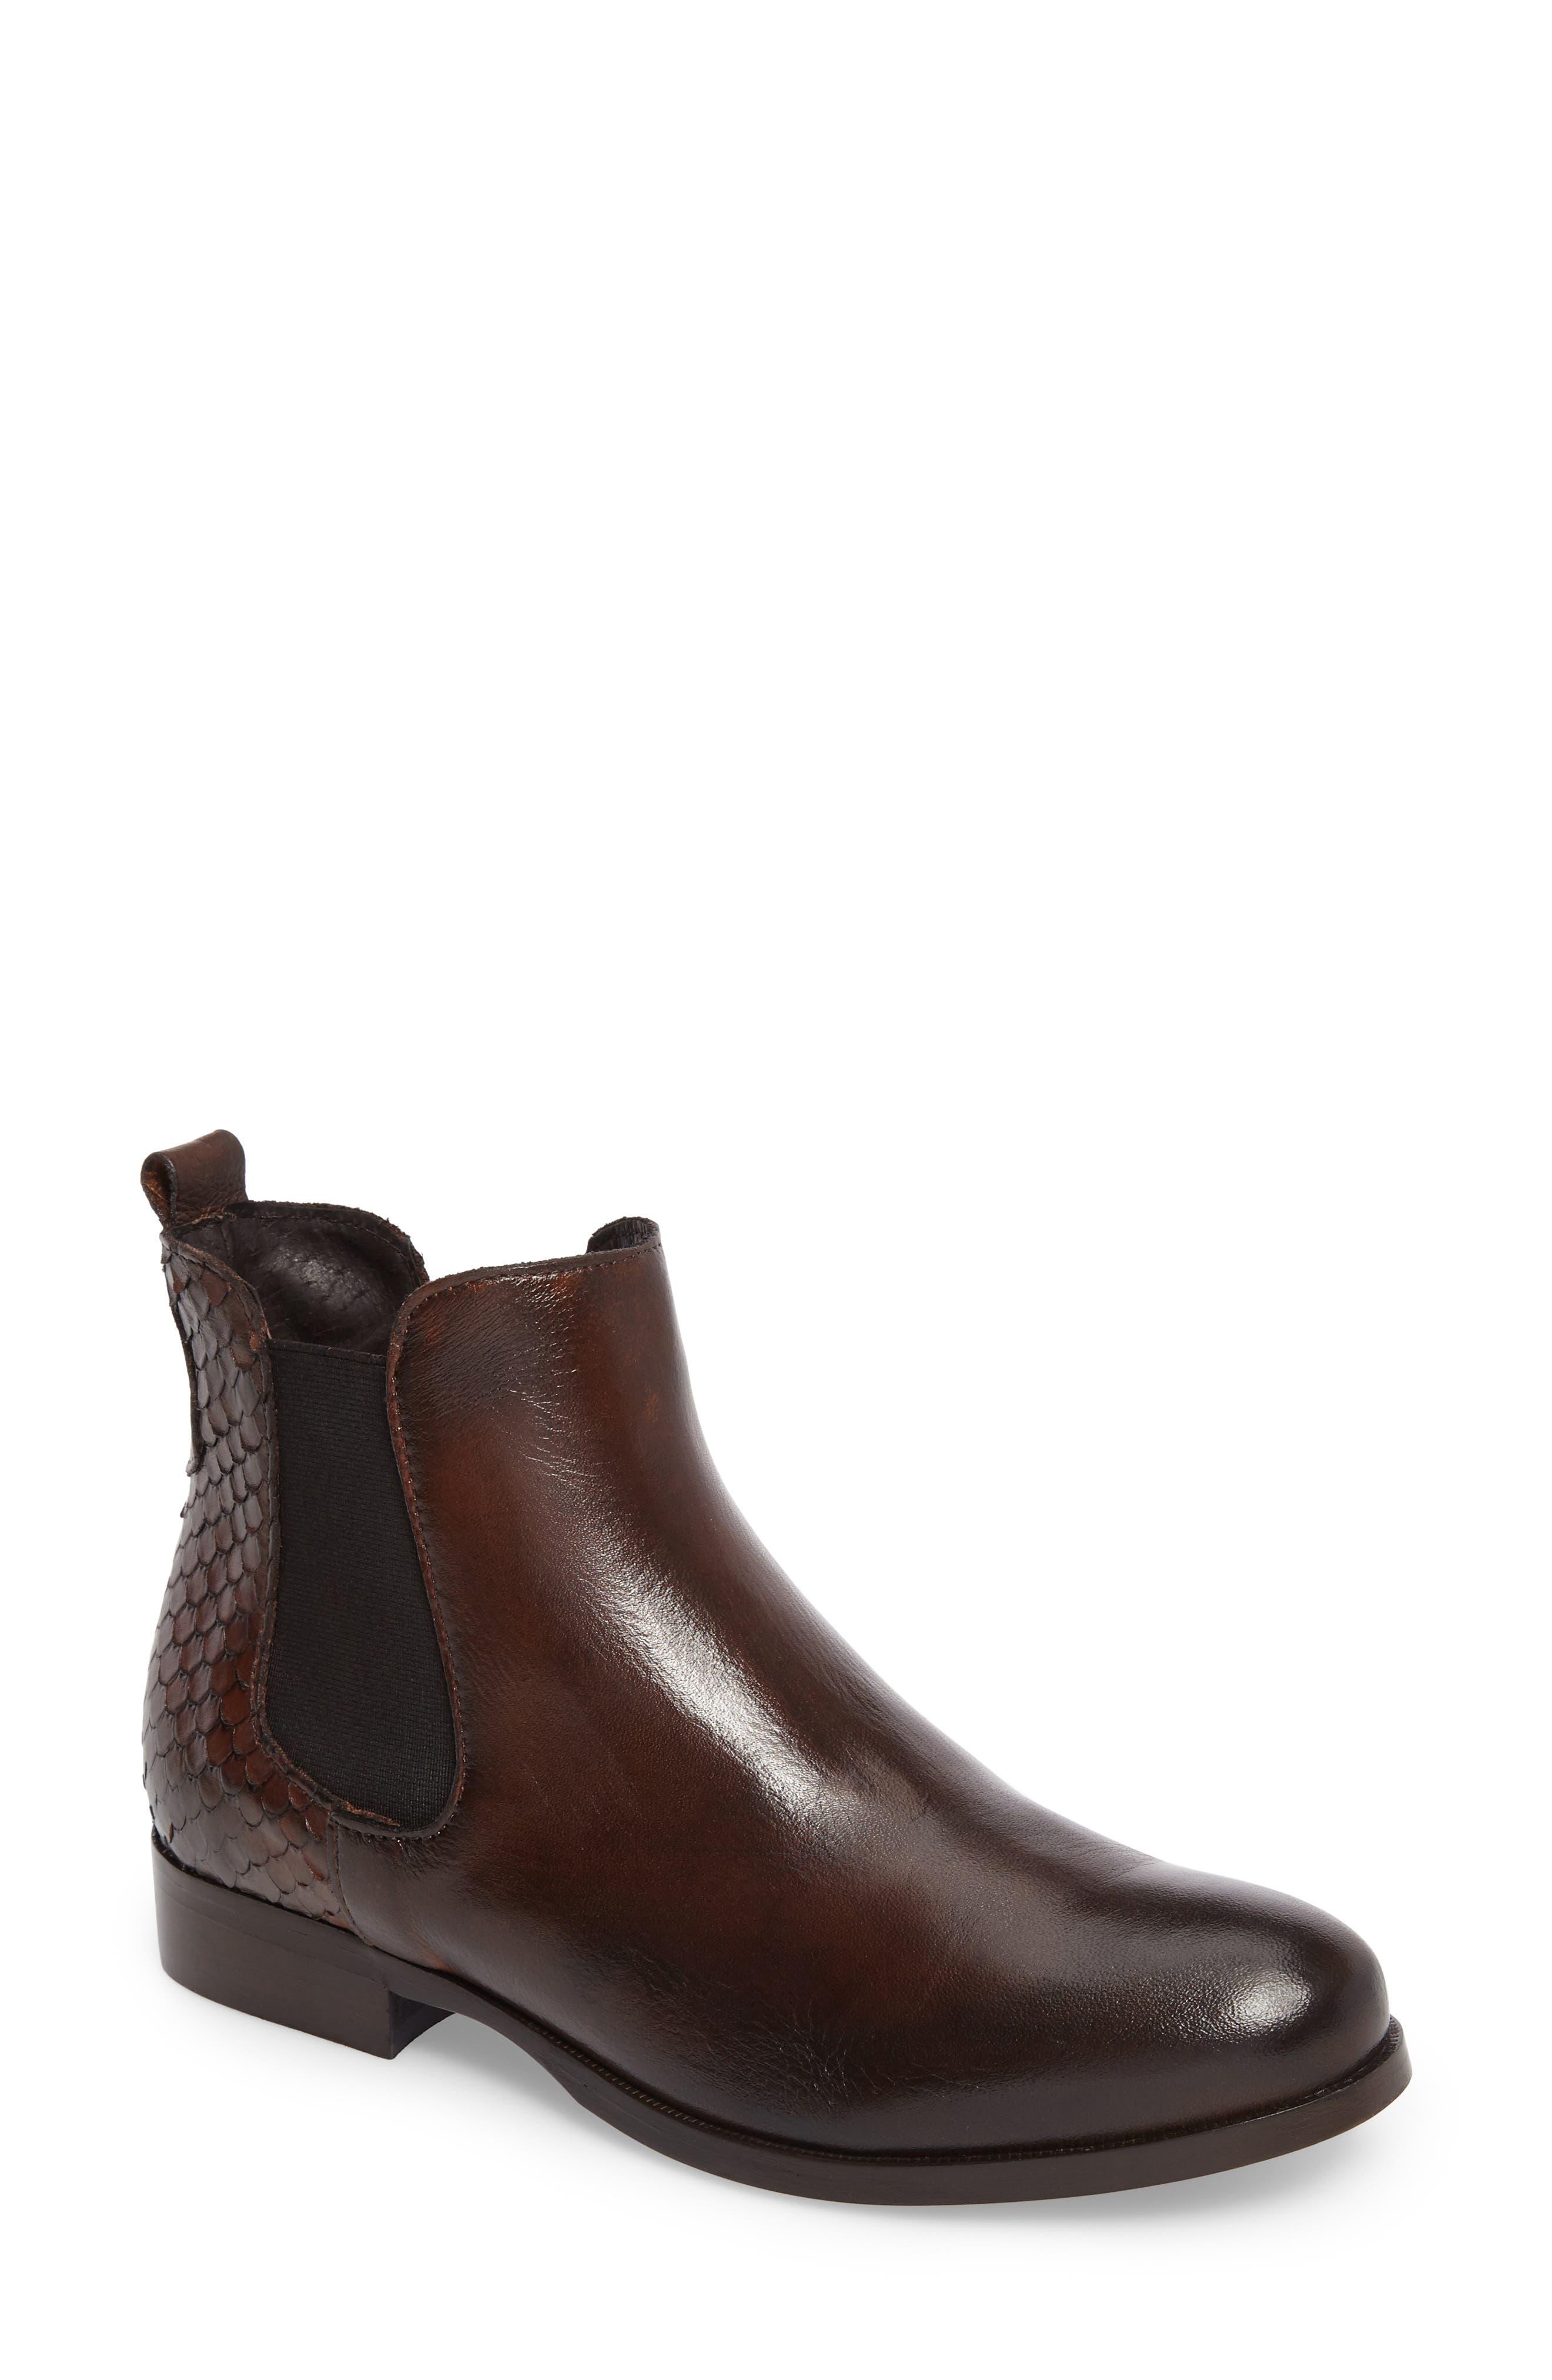 Padamae Water Resistant Chelsea Boot,                         Main,                         color, 001